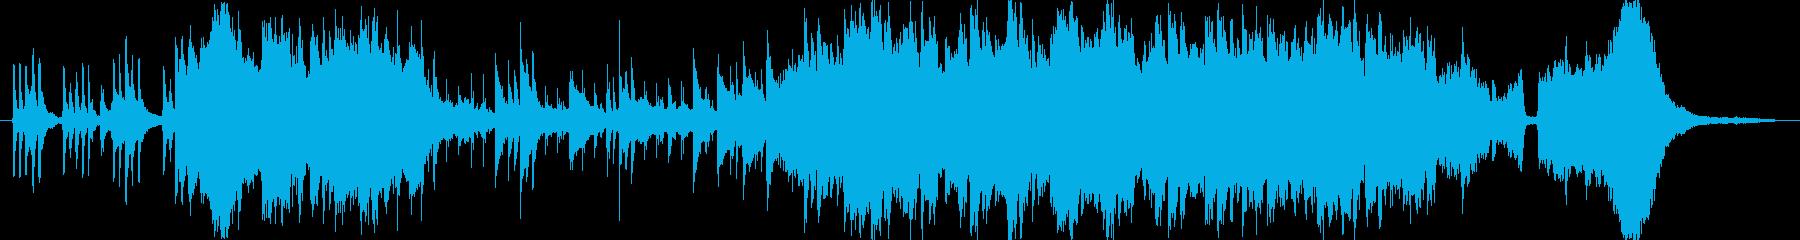 切なく情緒のある琴の和風BGMの再生済みの波形